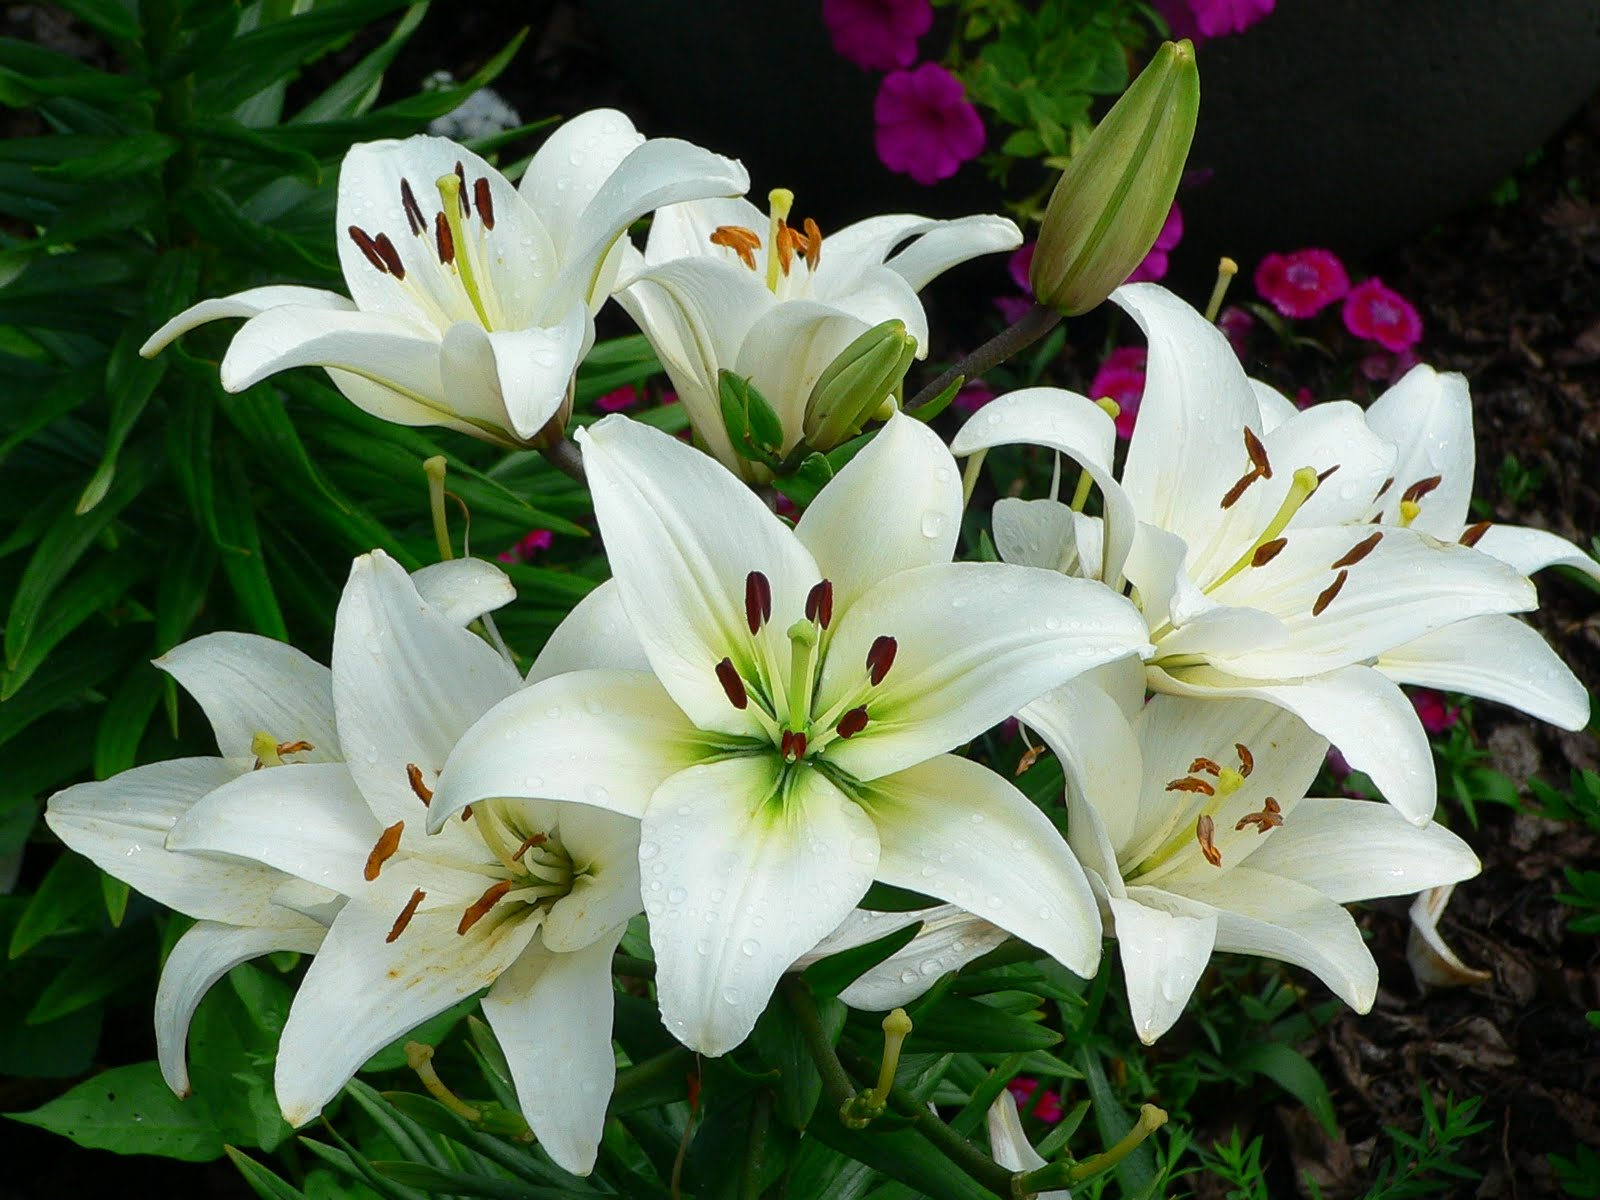 Night Blooming Flowers